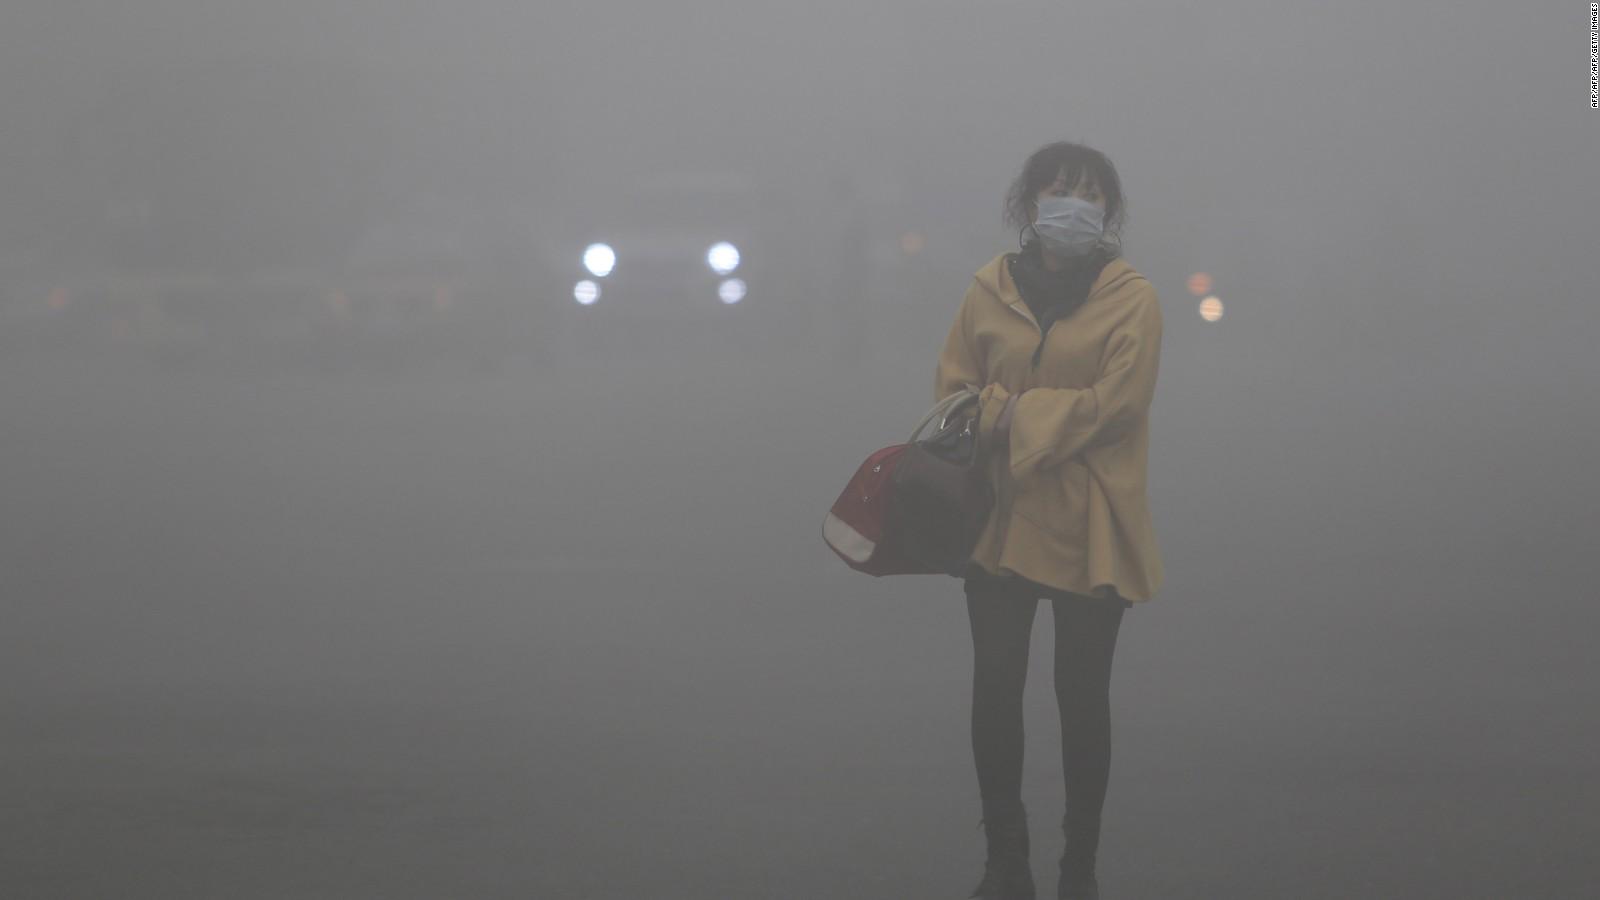 Môi trường ô nhiễm dễ gây ra các bệnh hô hấp, trong đó có viêm xoang